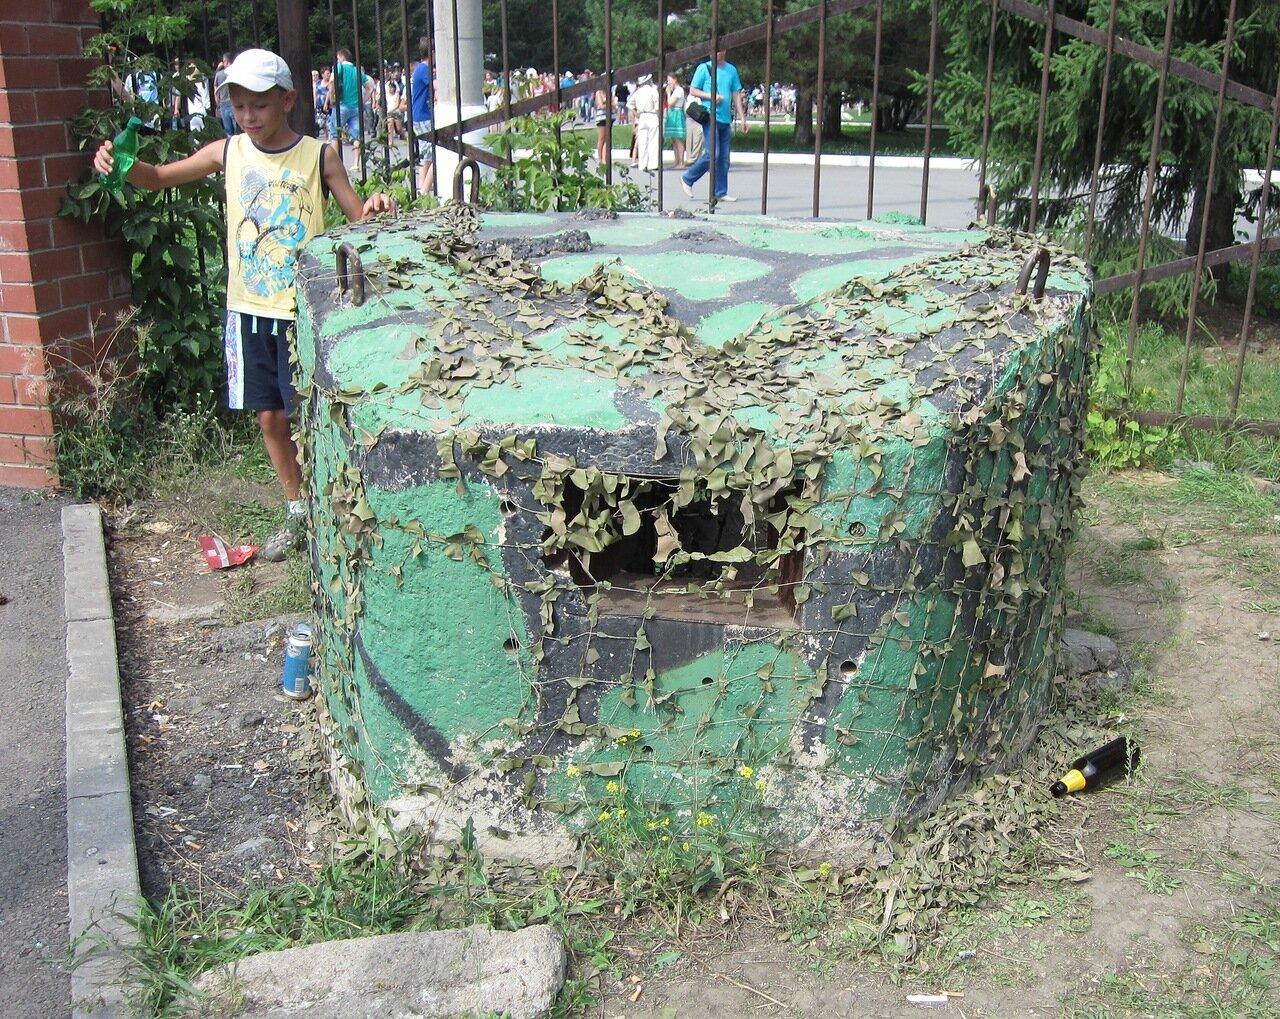 Памятник ″Холодной войны″ - ДОТ на территории ЧВВАКУШа (15.08.2014)